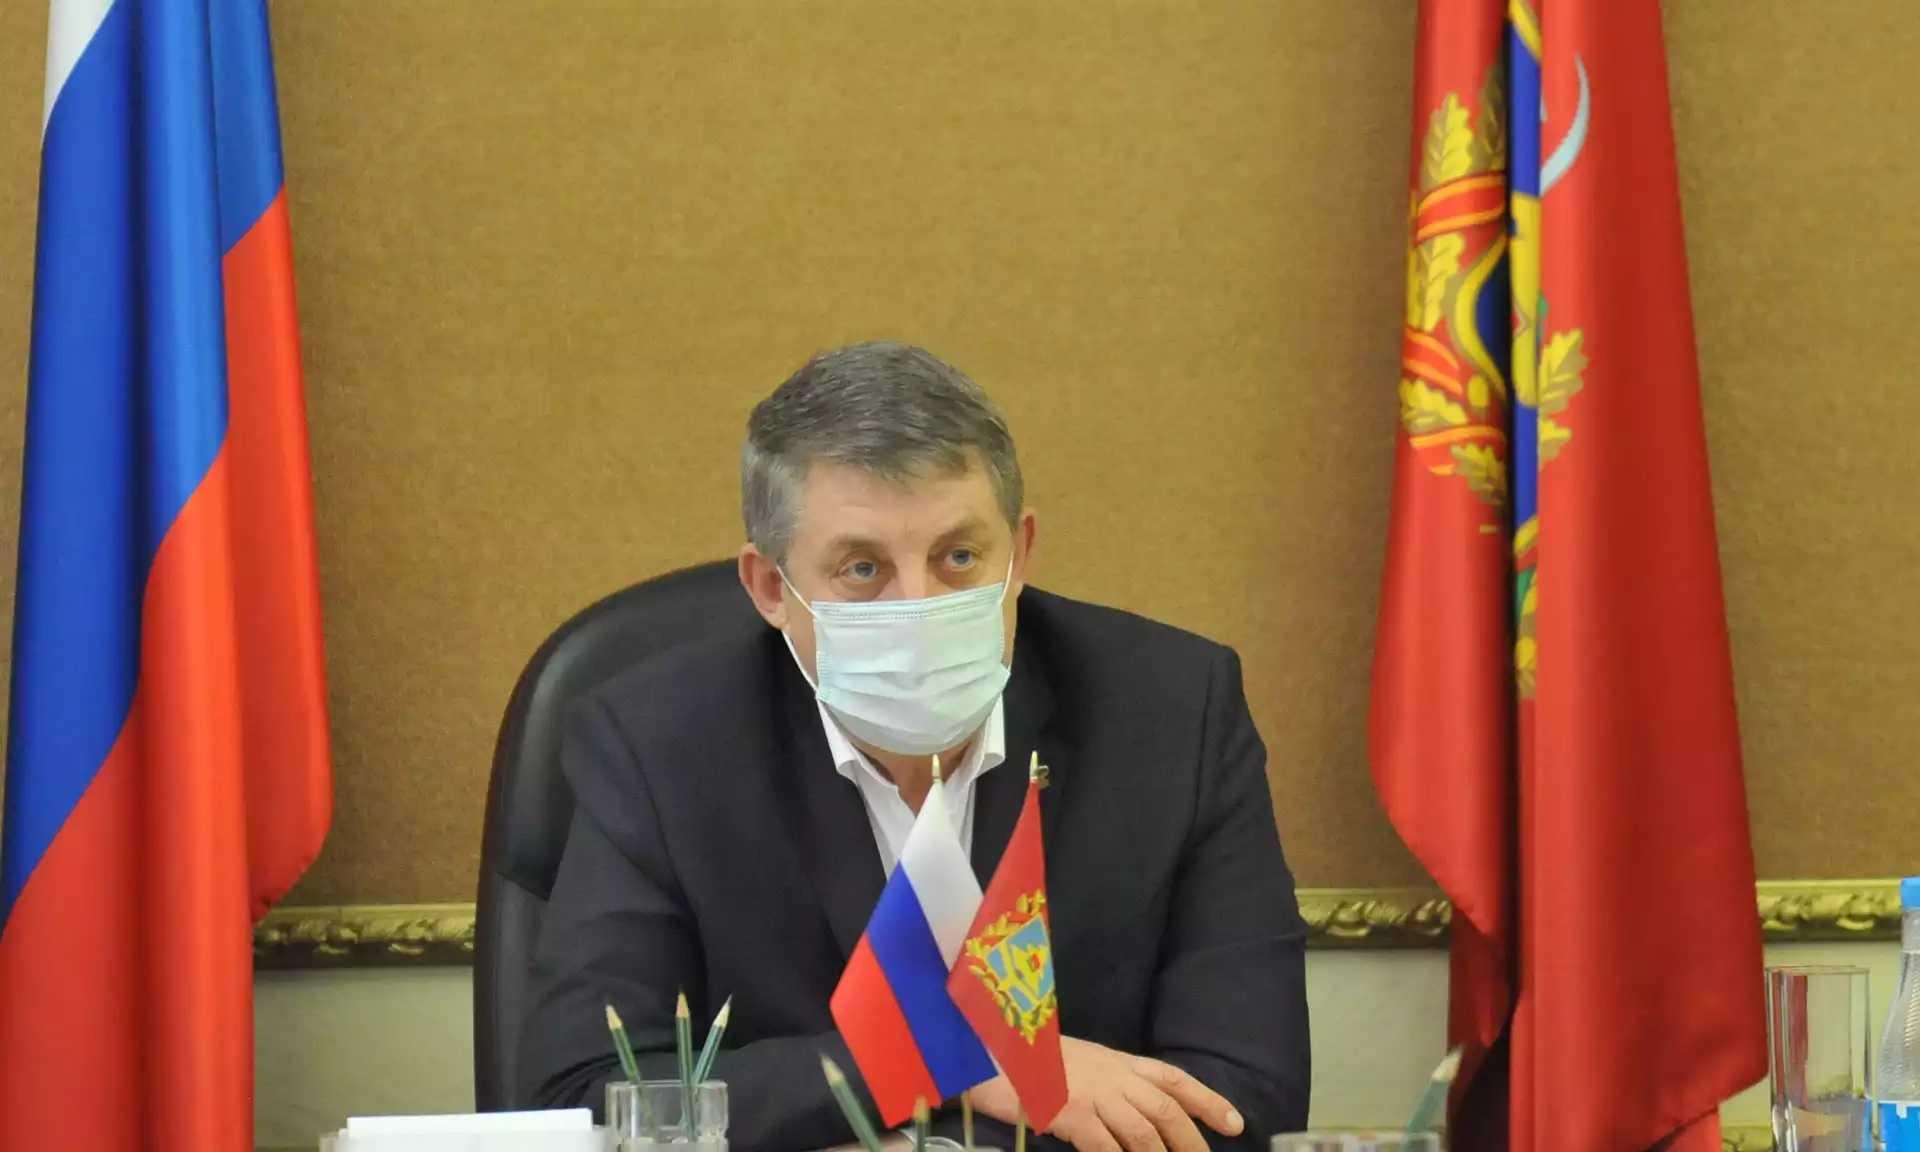 Брянский губернатор Богомаз потребовал контролировать приемные семьи